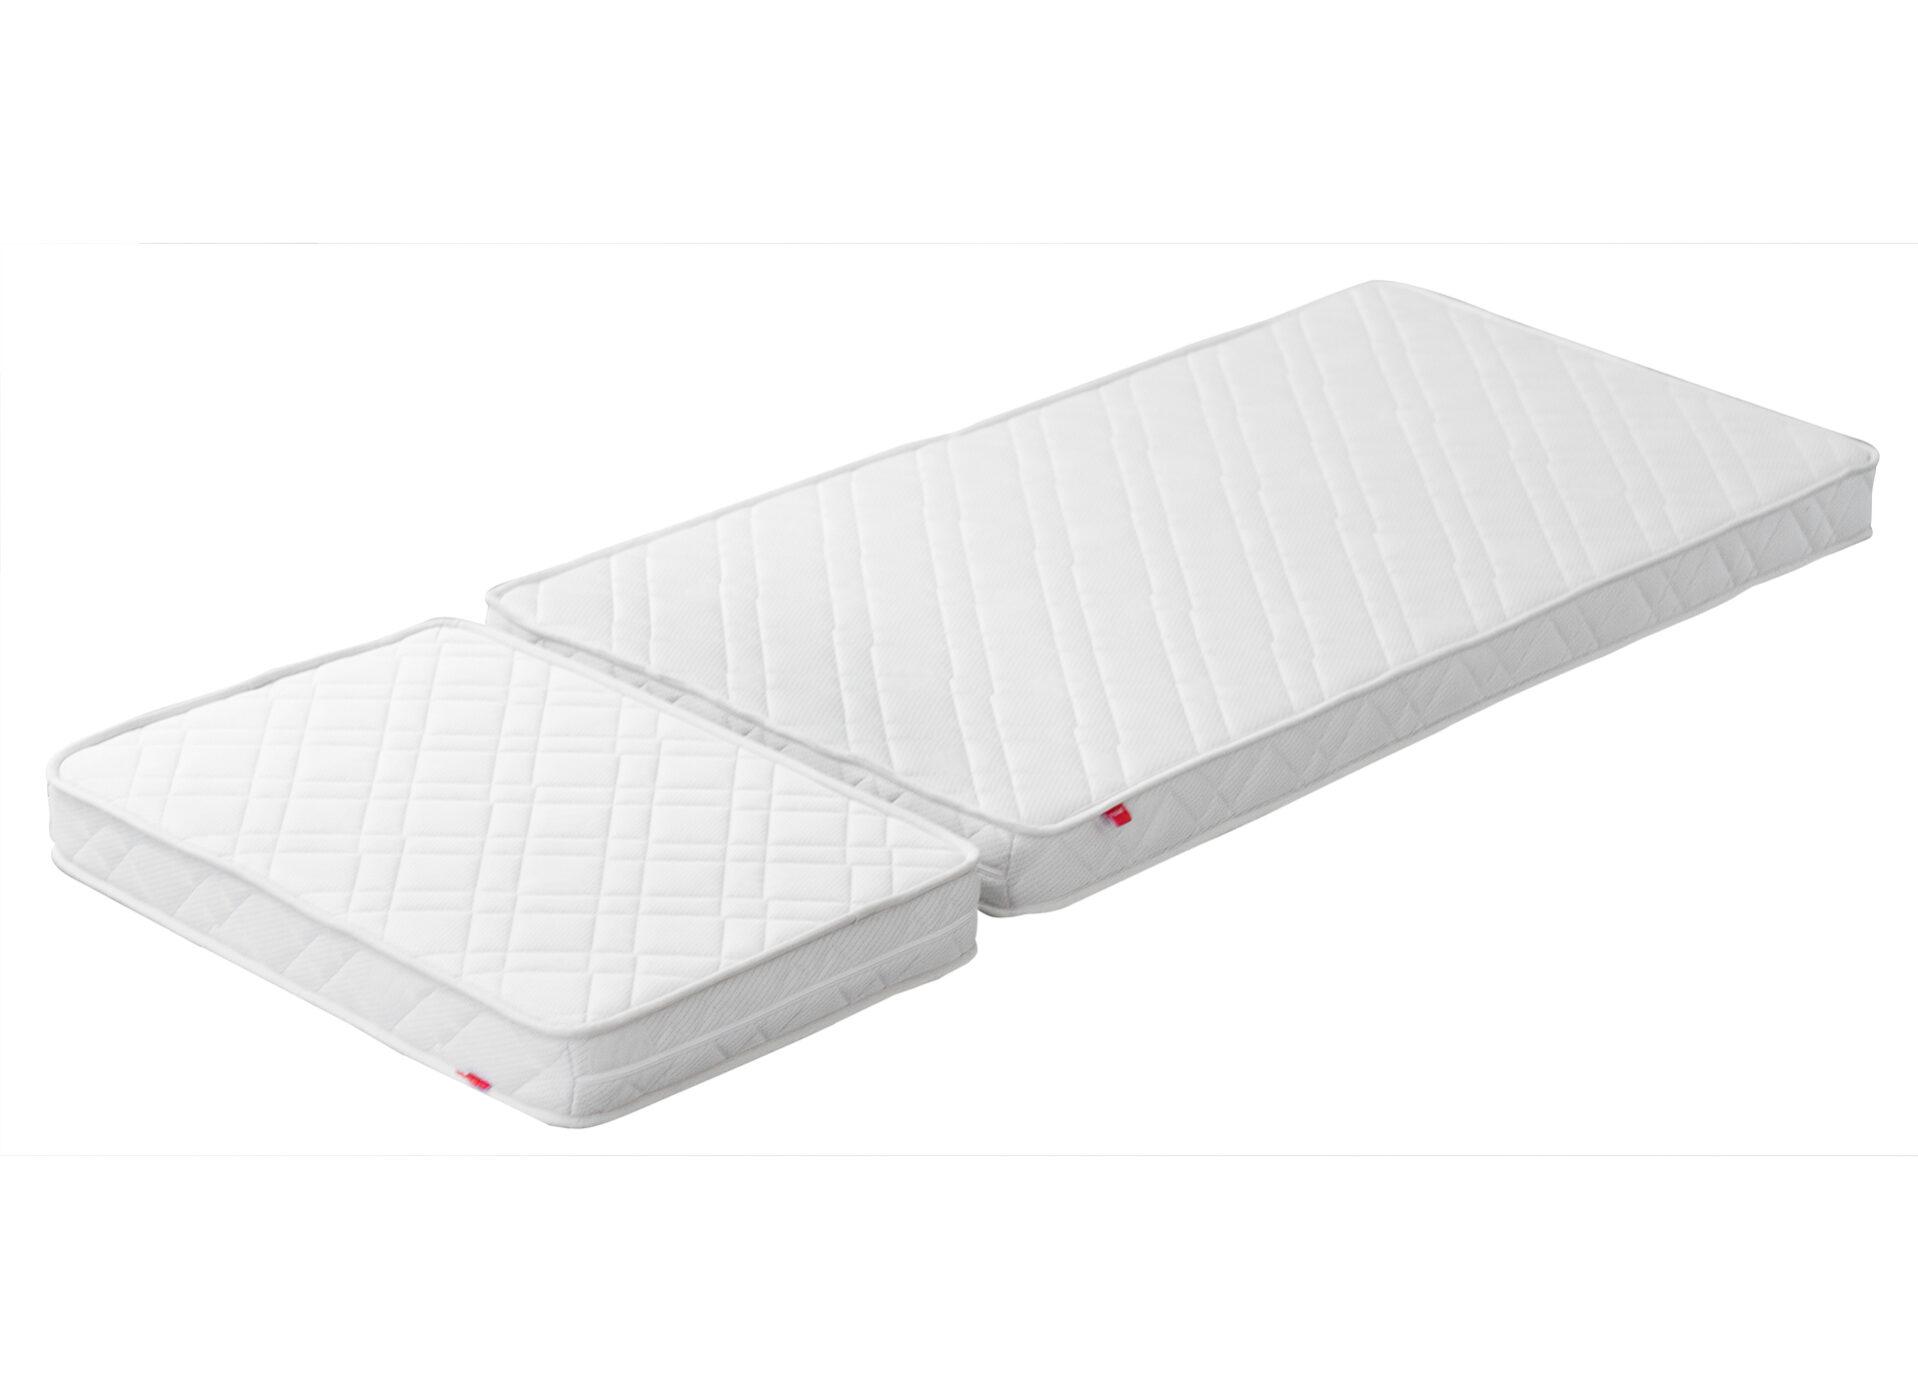 Materasso per letto Junior allungabile e prolunga - Flexa ...